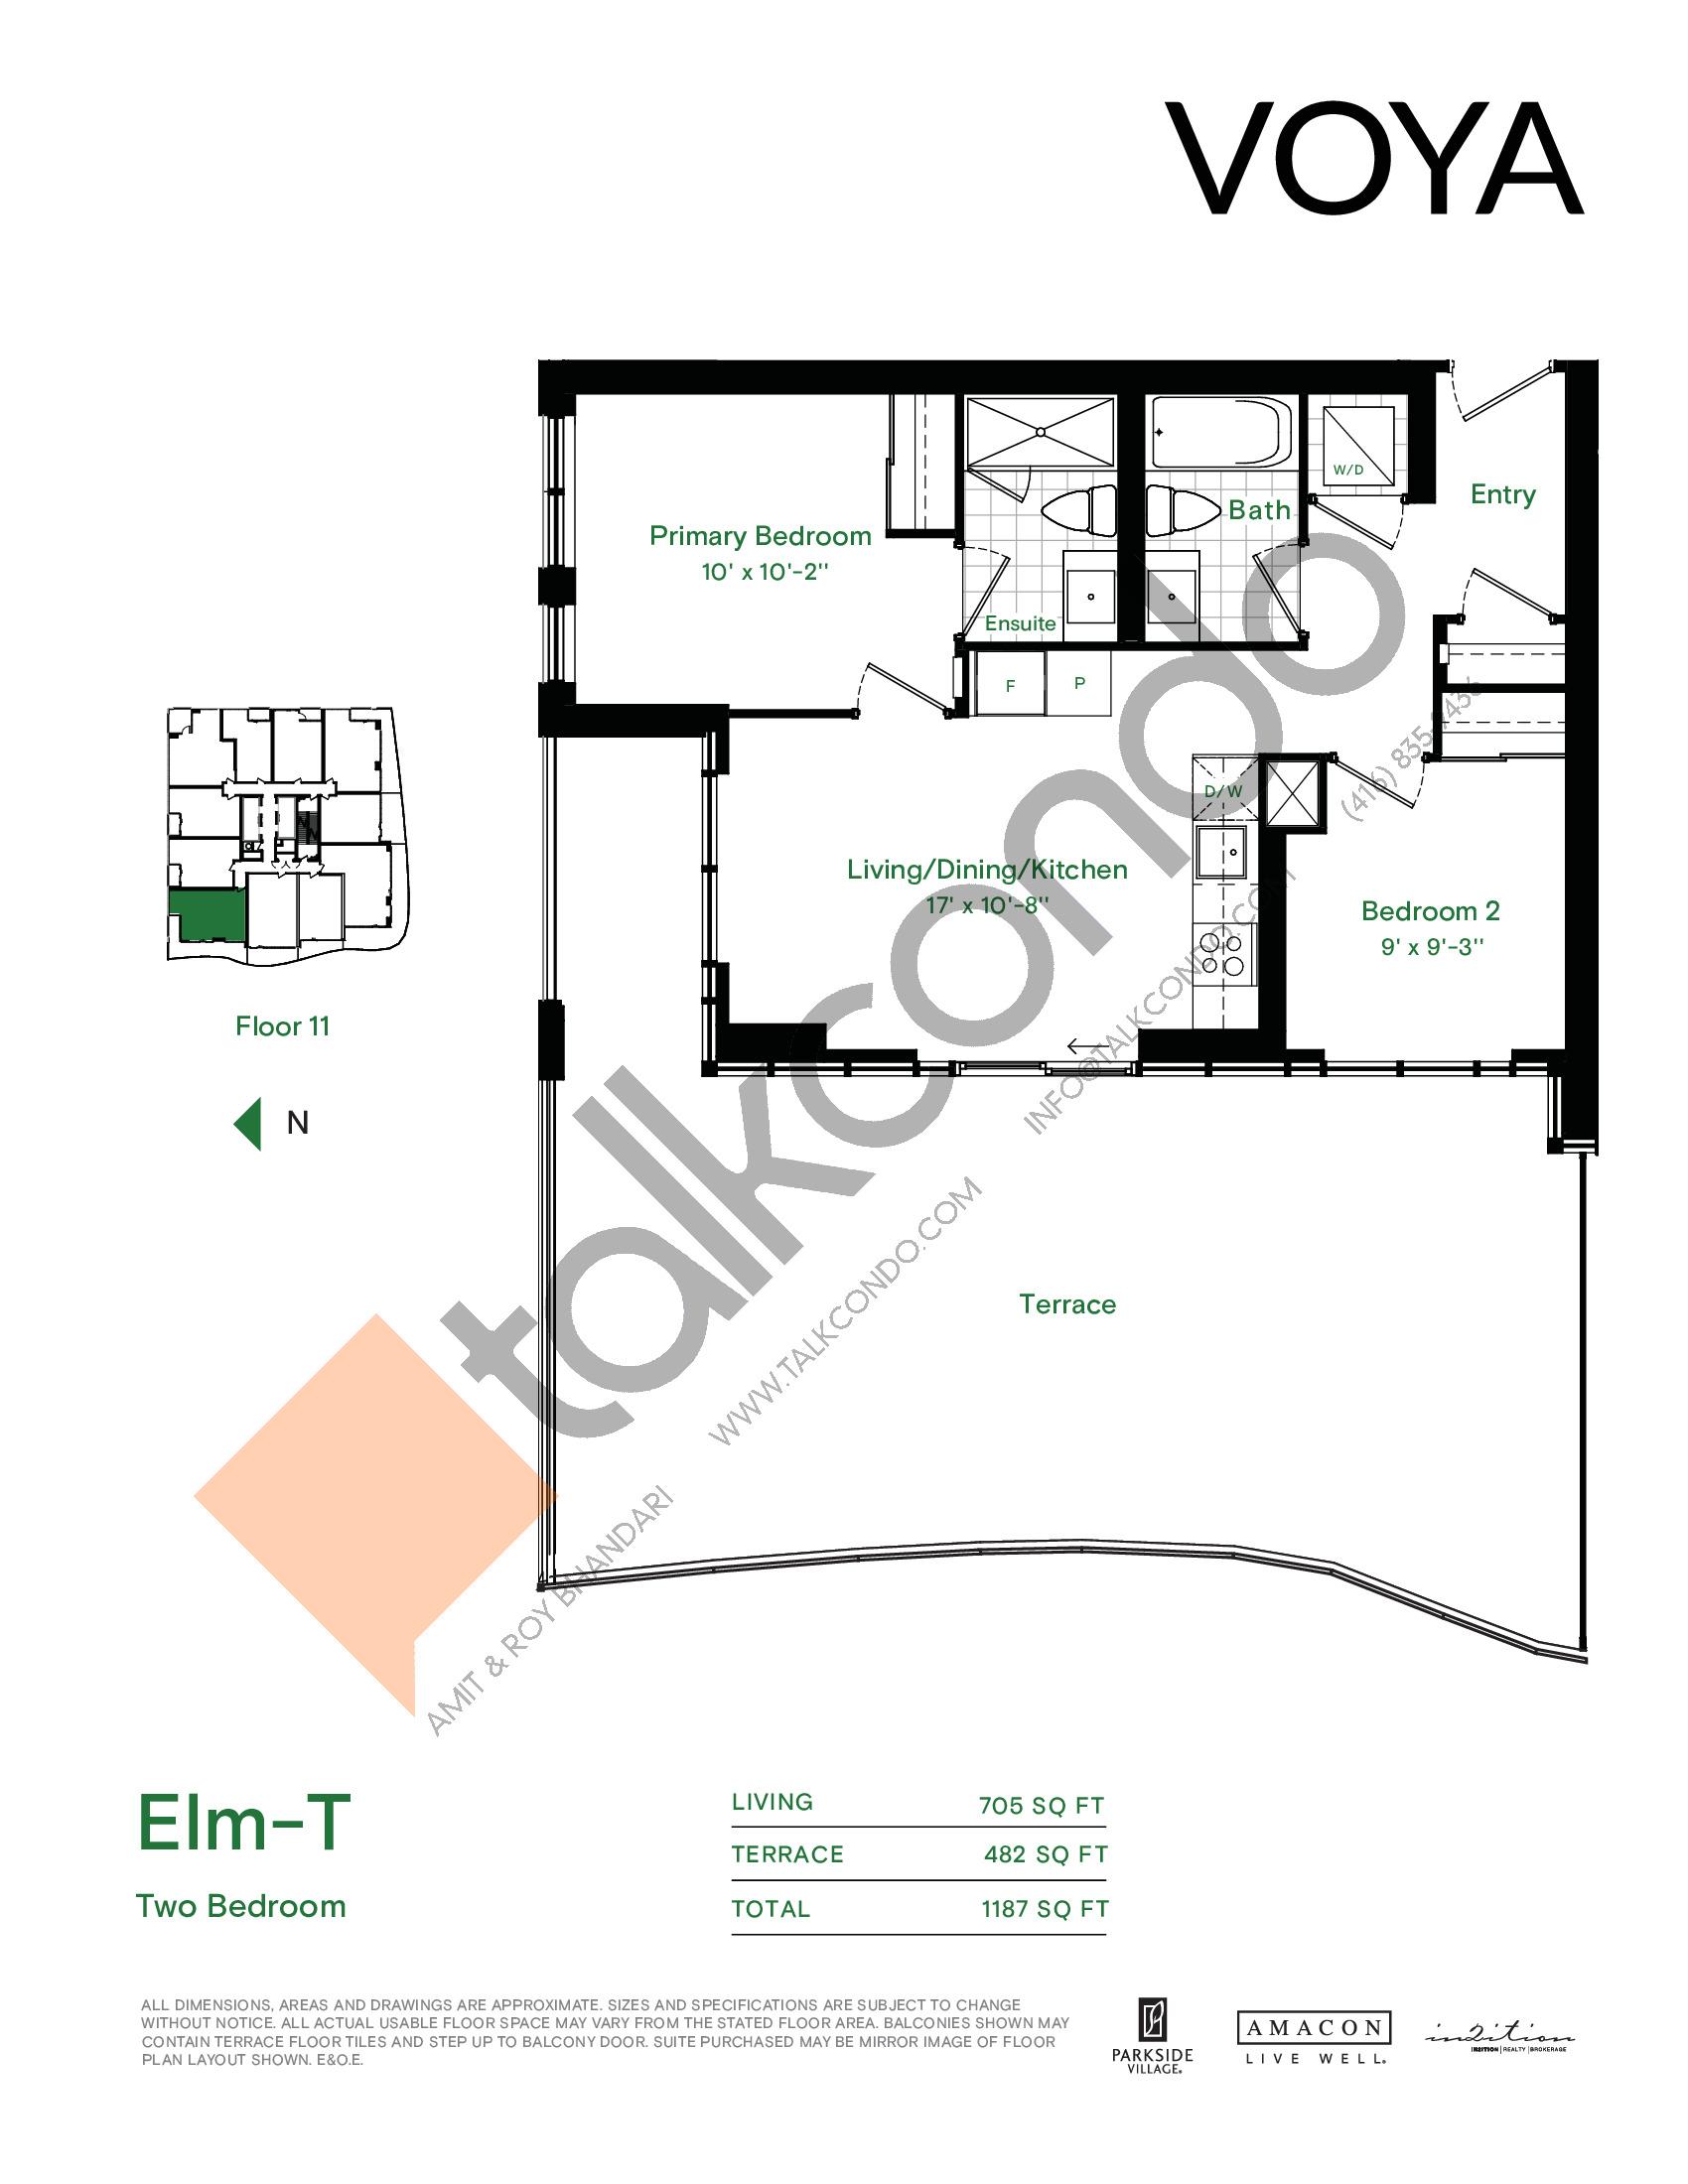 Elm-T Floor Plan at Voya at Parkside Village Condos - 705 sq.ft